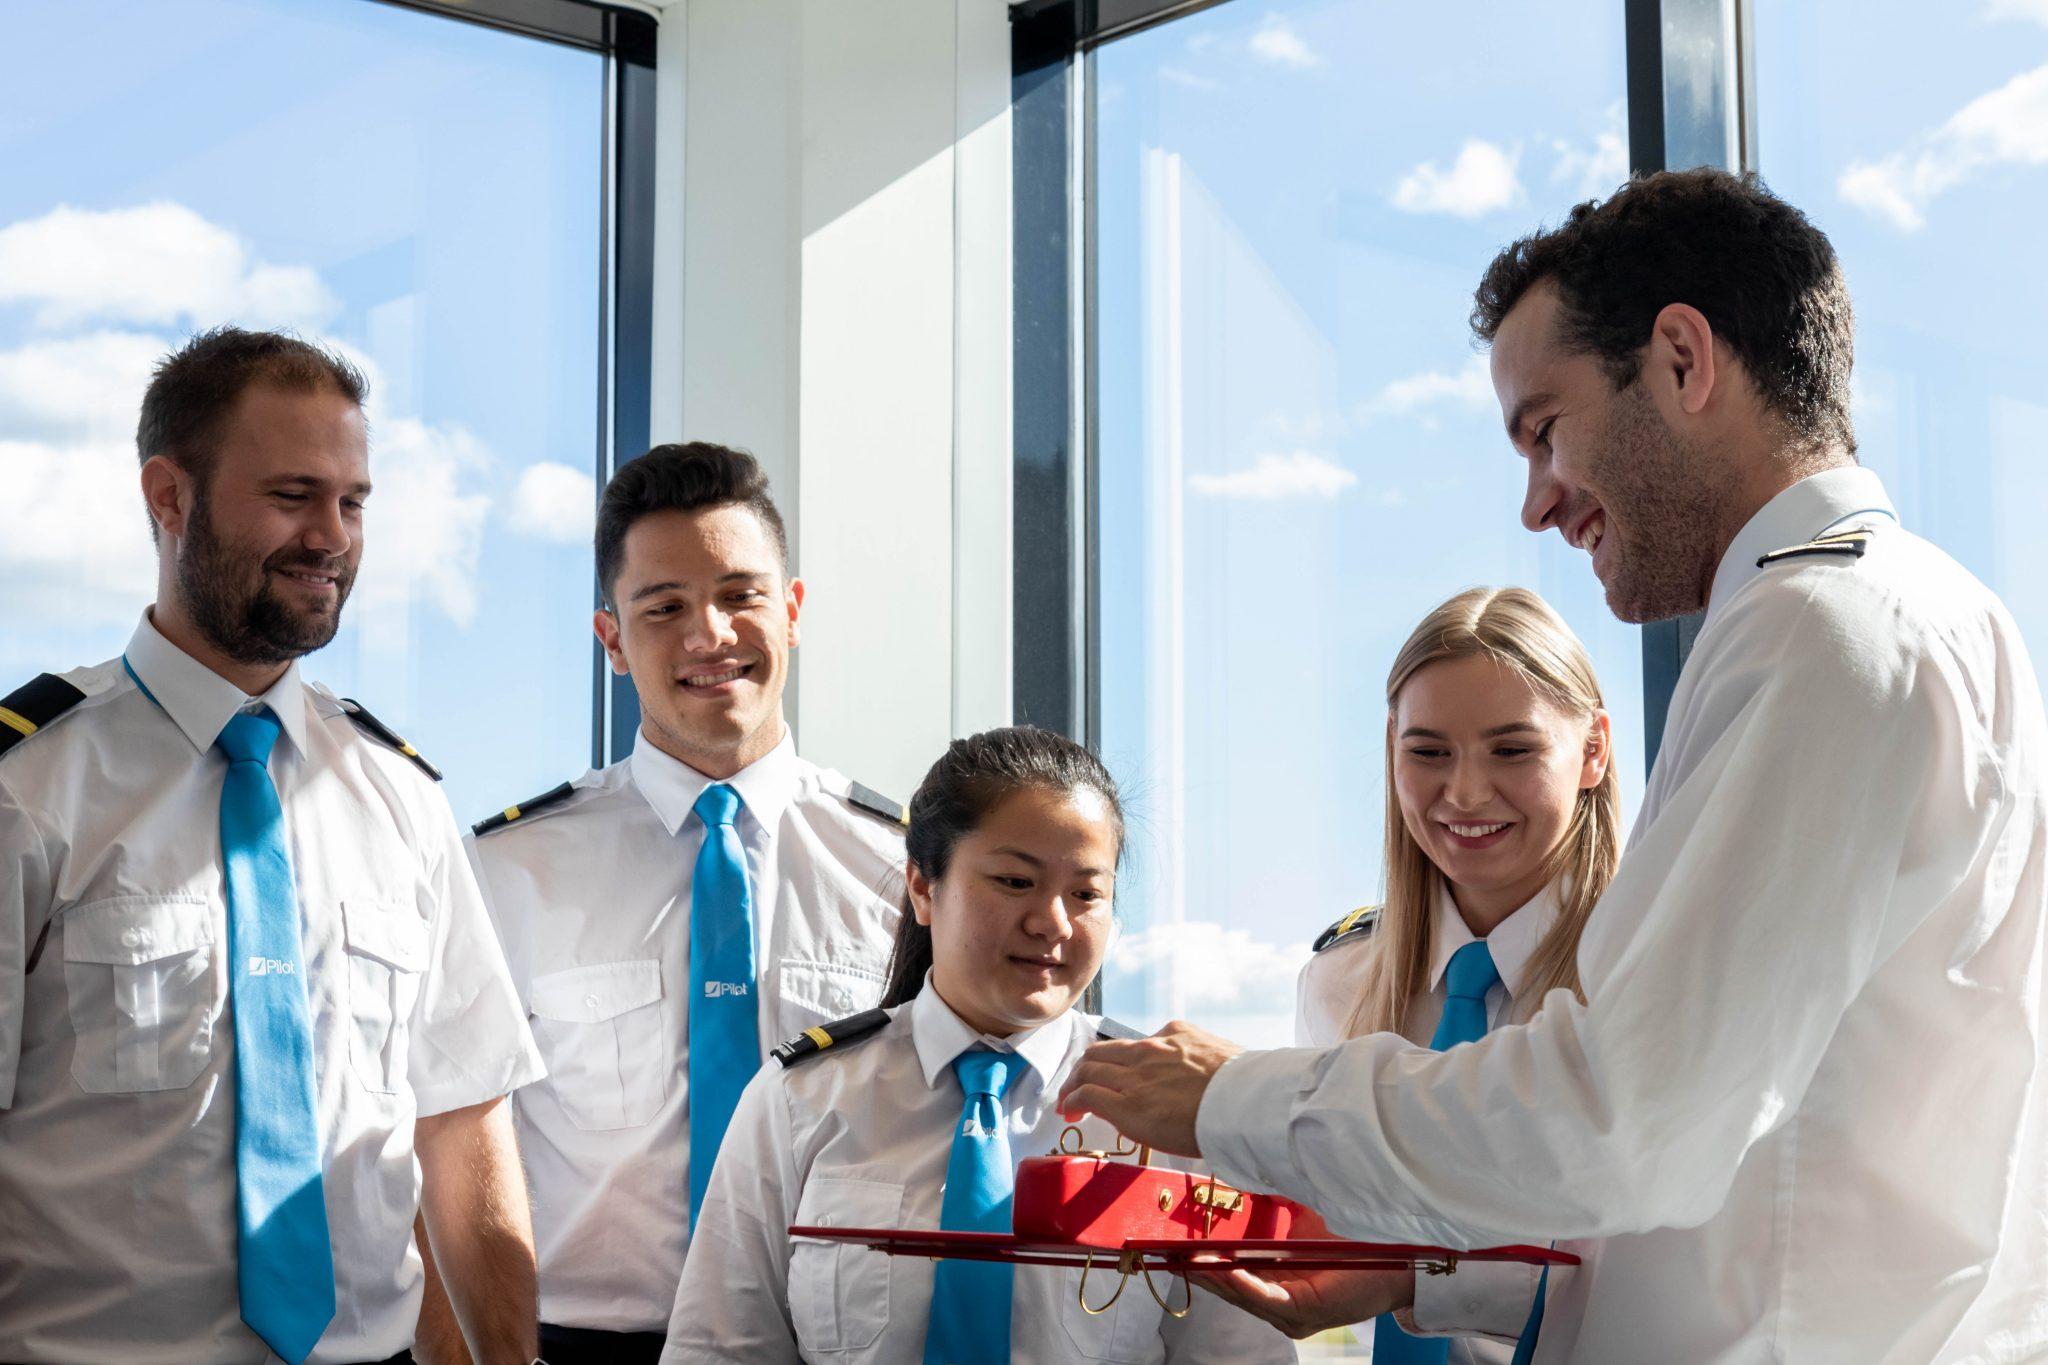 Flight instructor teaching students in briefingroom